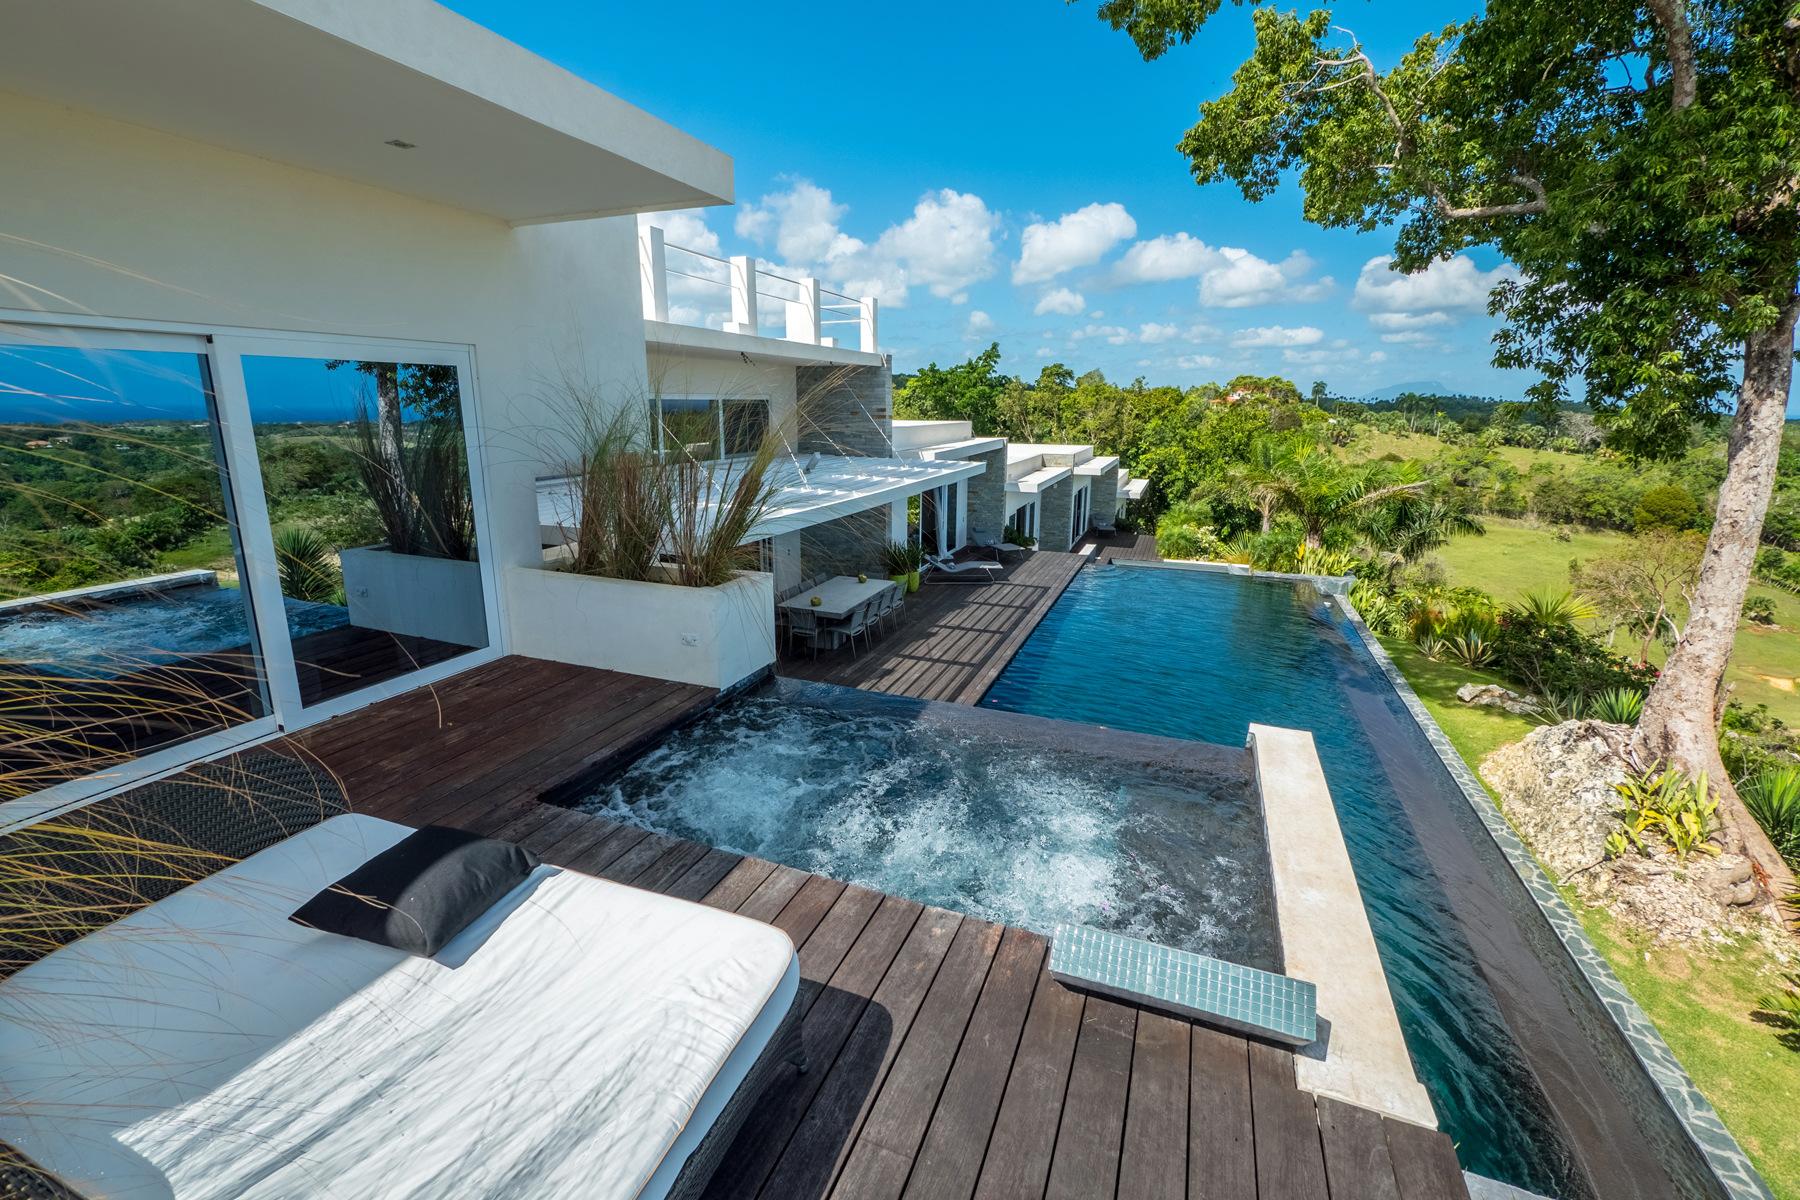 独户住宅 为 销售 在 Agua Dulce Casa Quivira 索苏阿, 普拉塔省, 多米尼加共和国